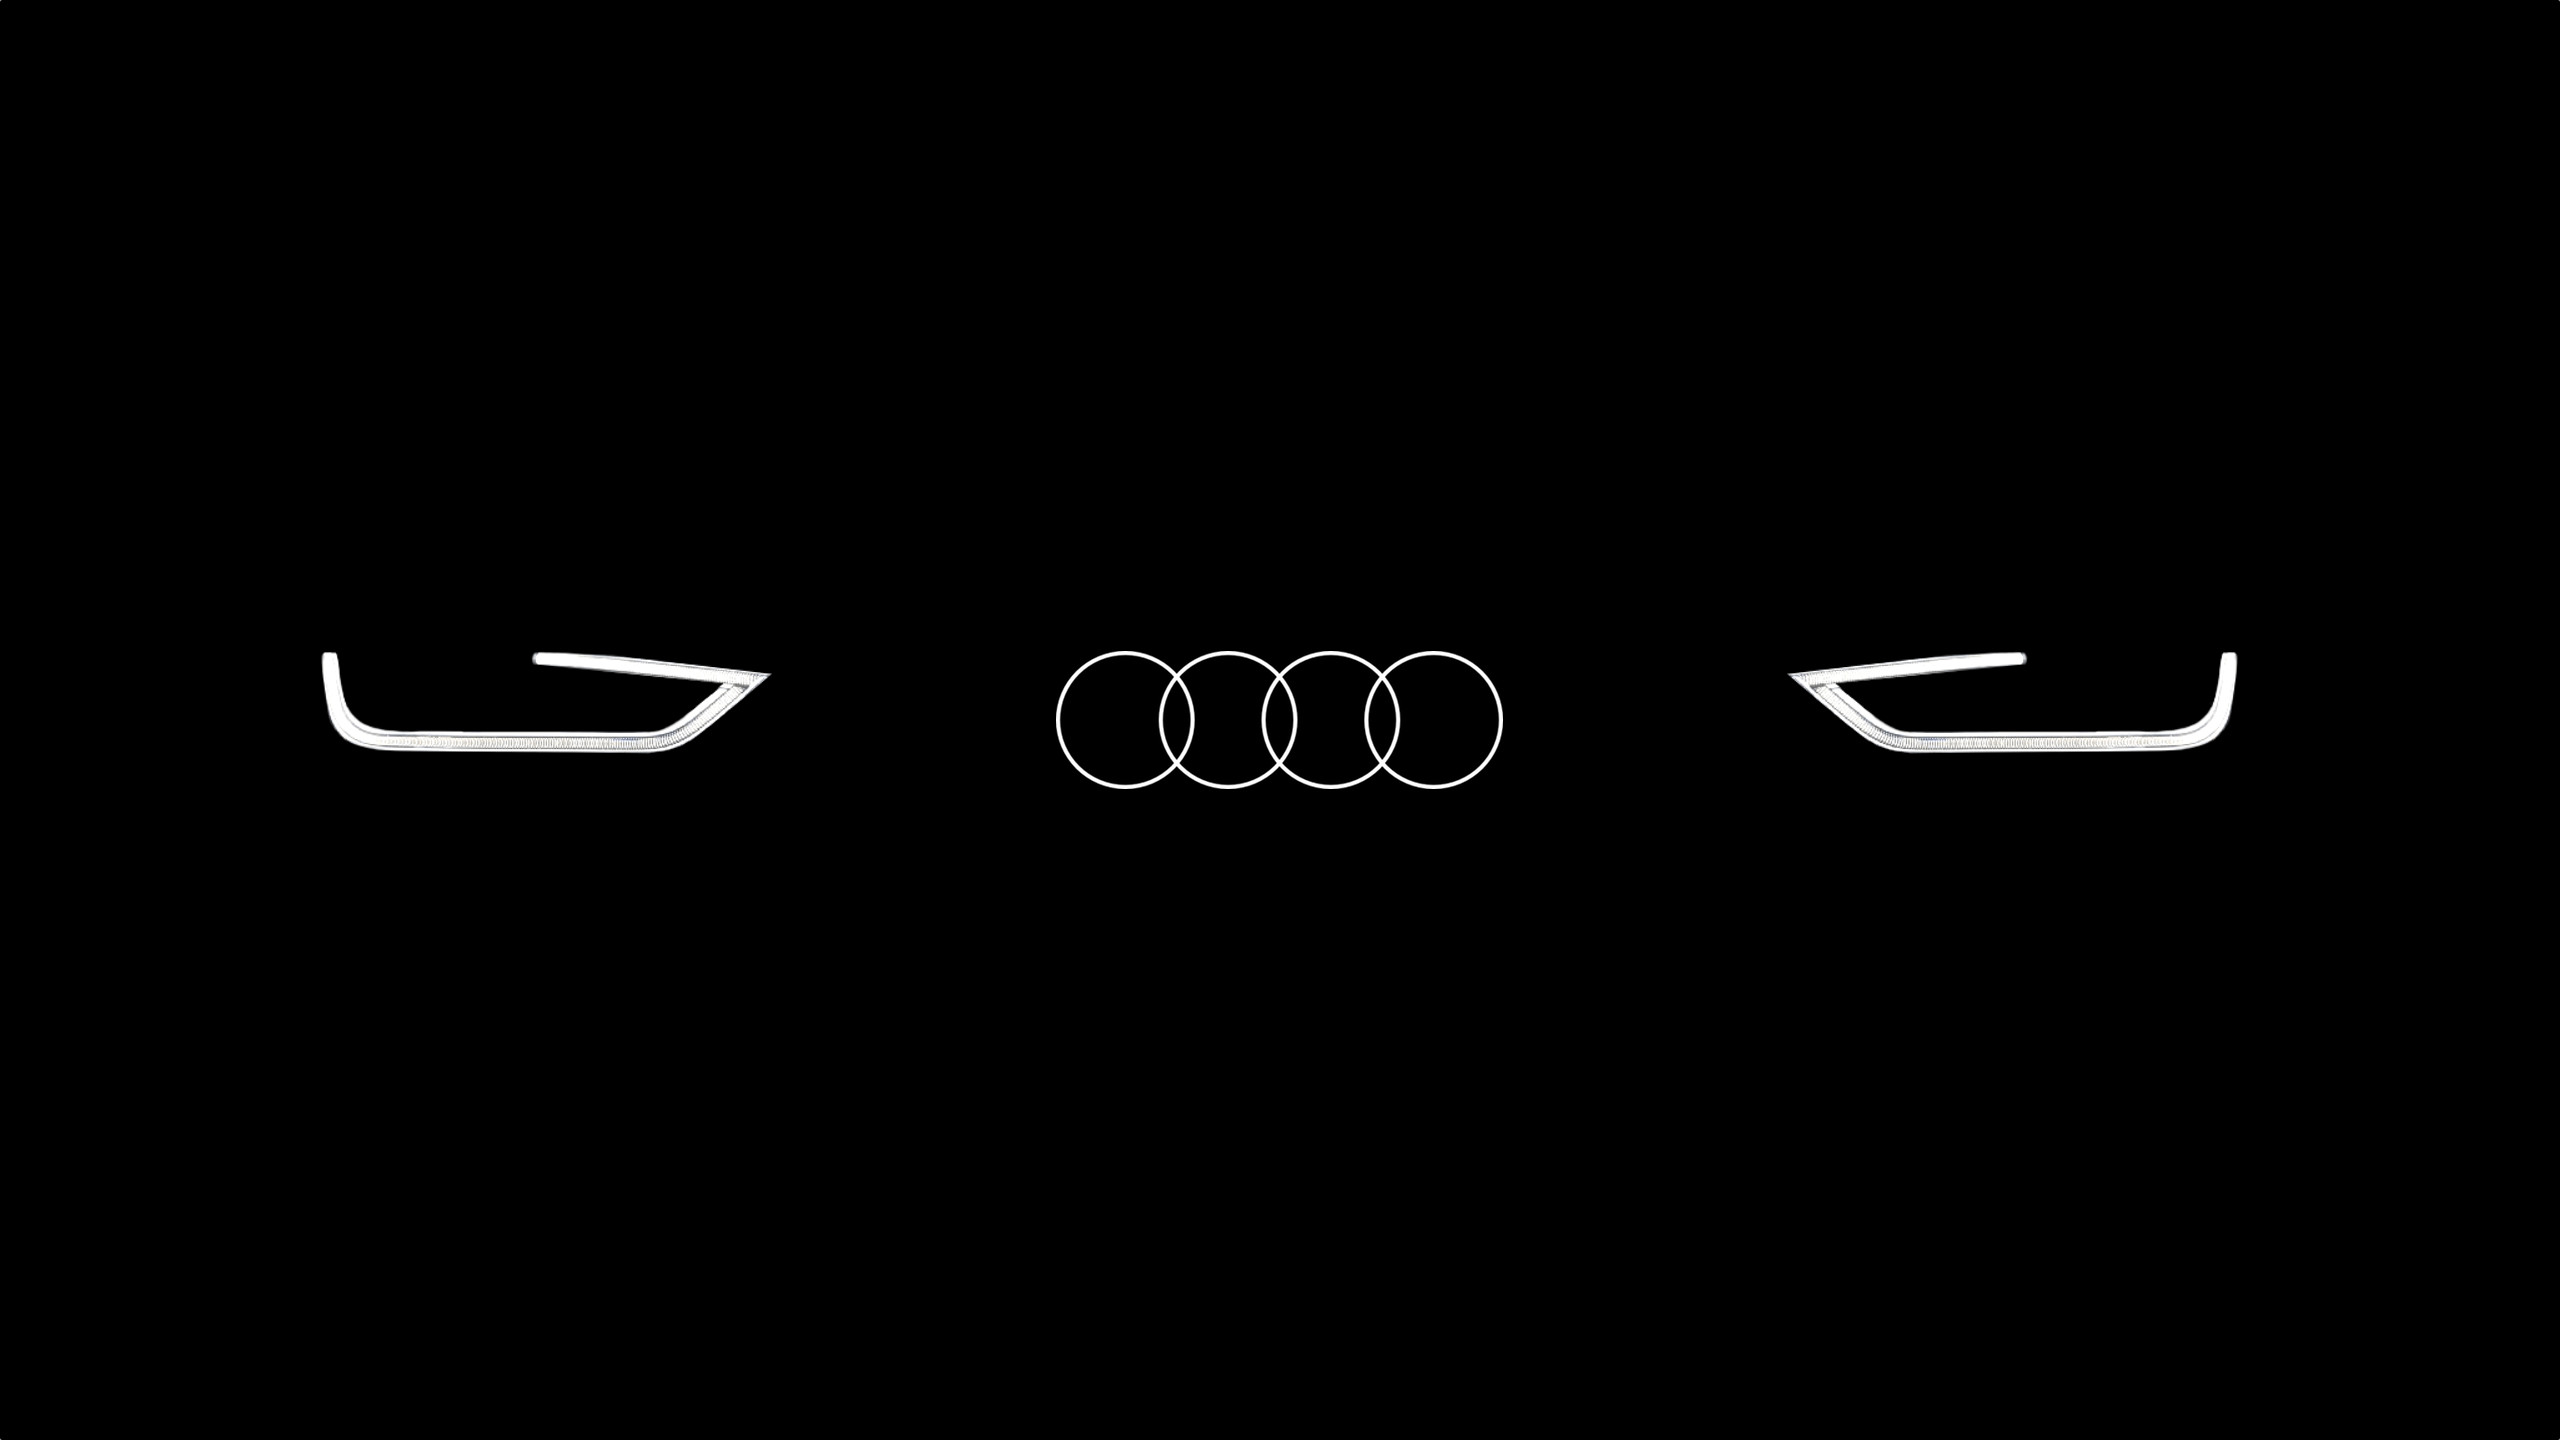 Audi Wallpapers 1